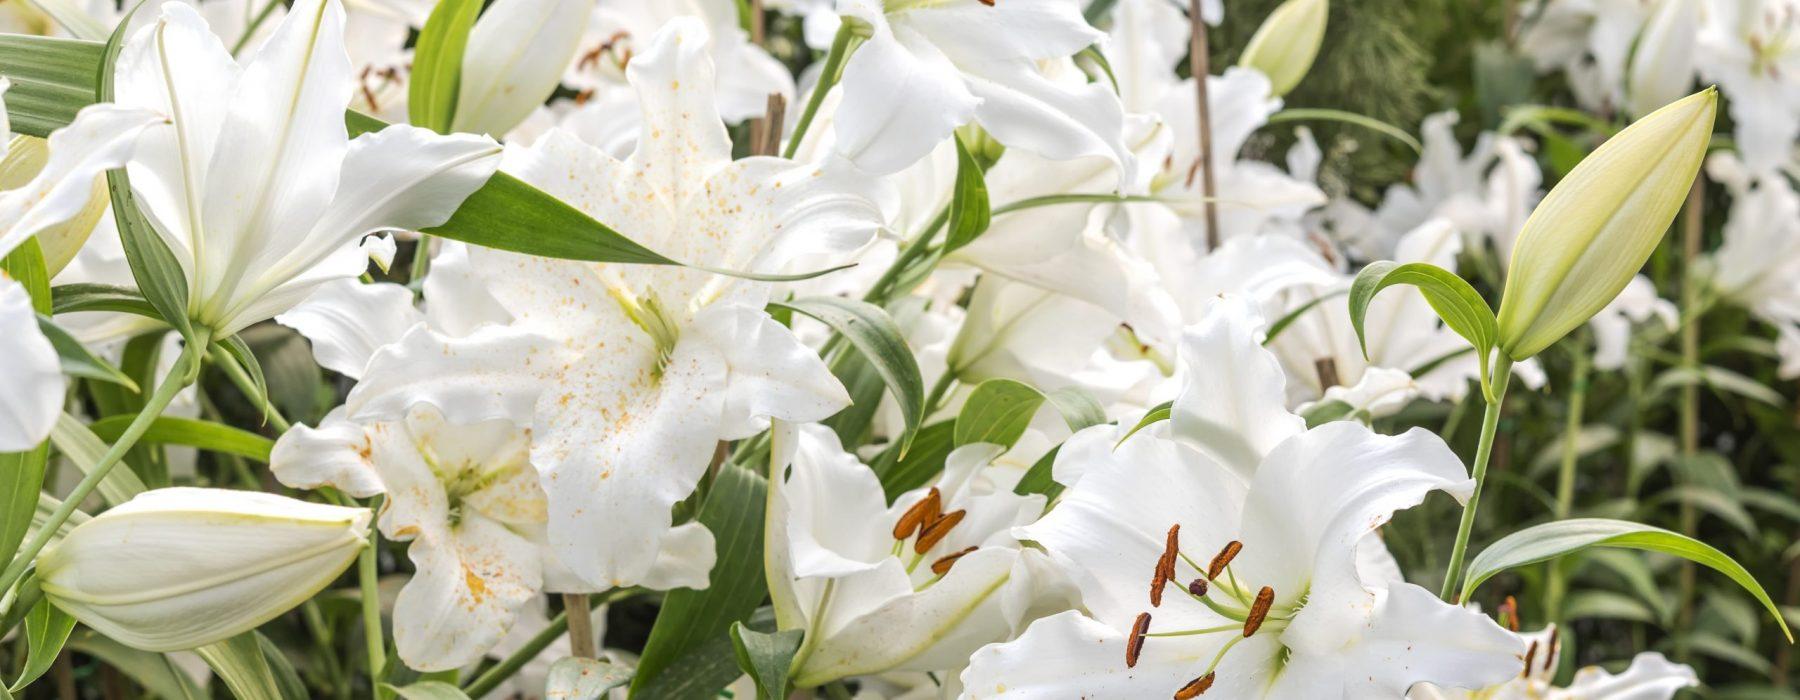 พวงหรีดดอกไม้สดยอดนิยมจากร้านผกาฟลอริส